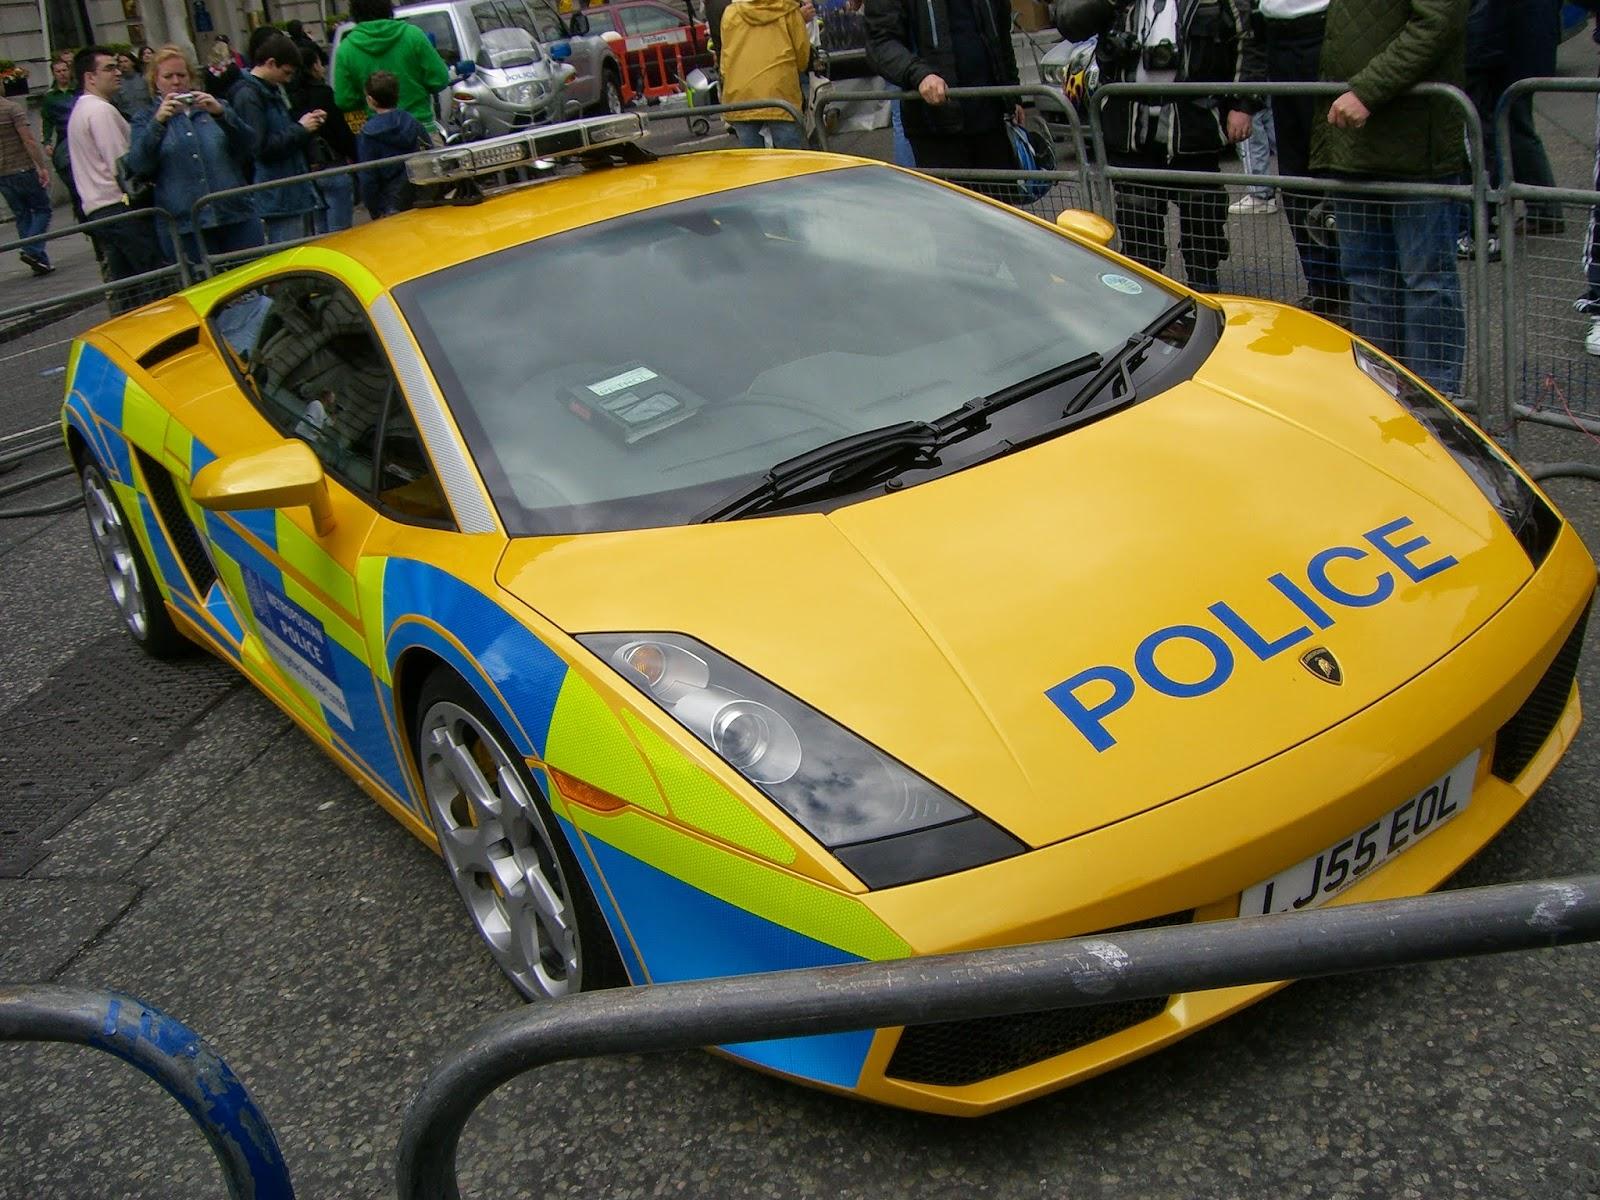 foto mobil galardo polisi